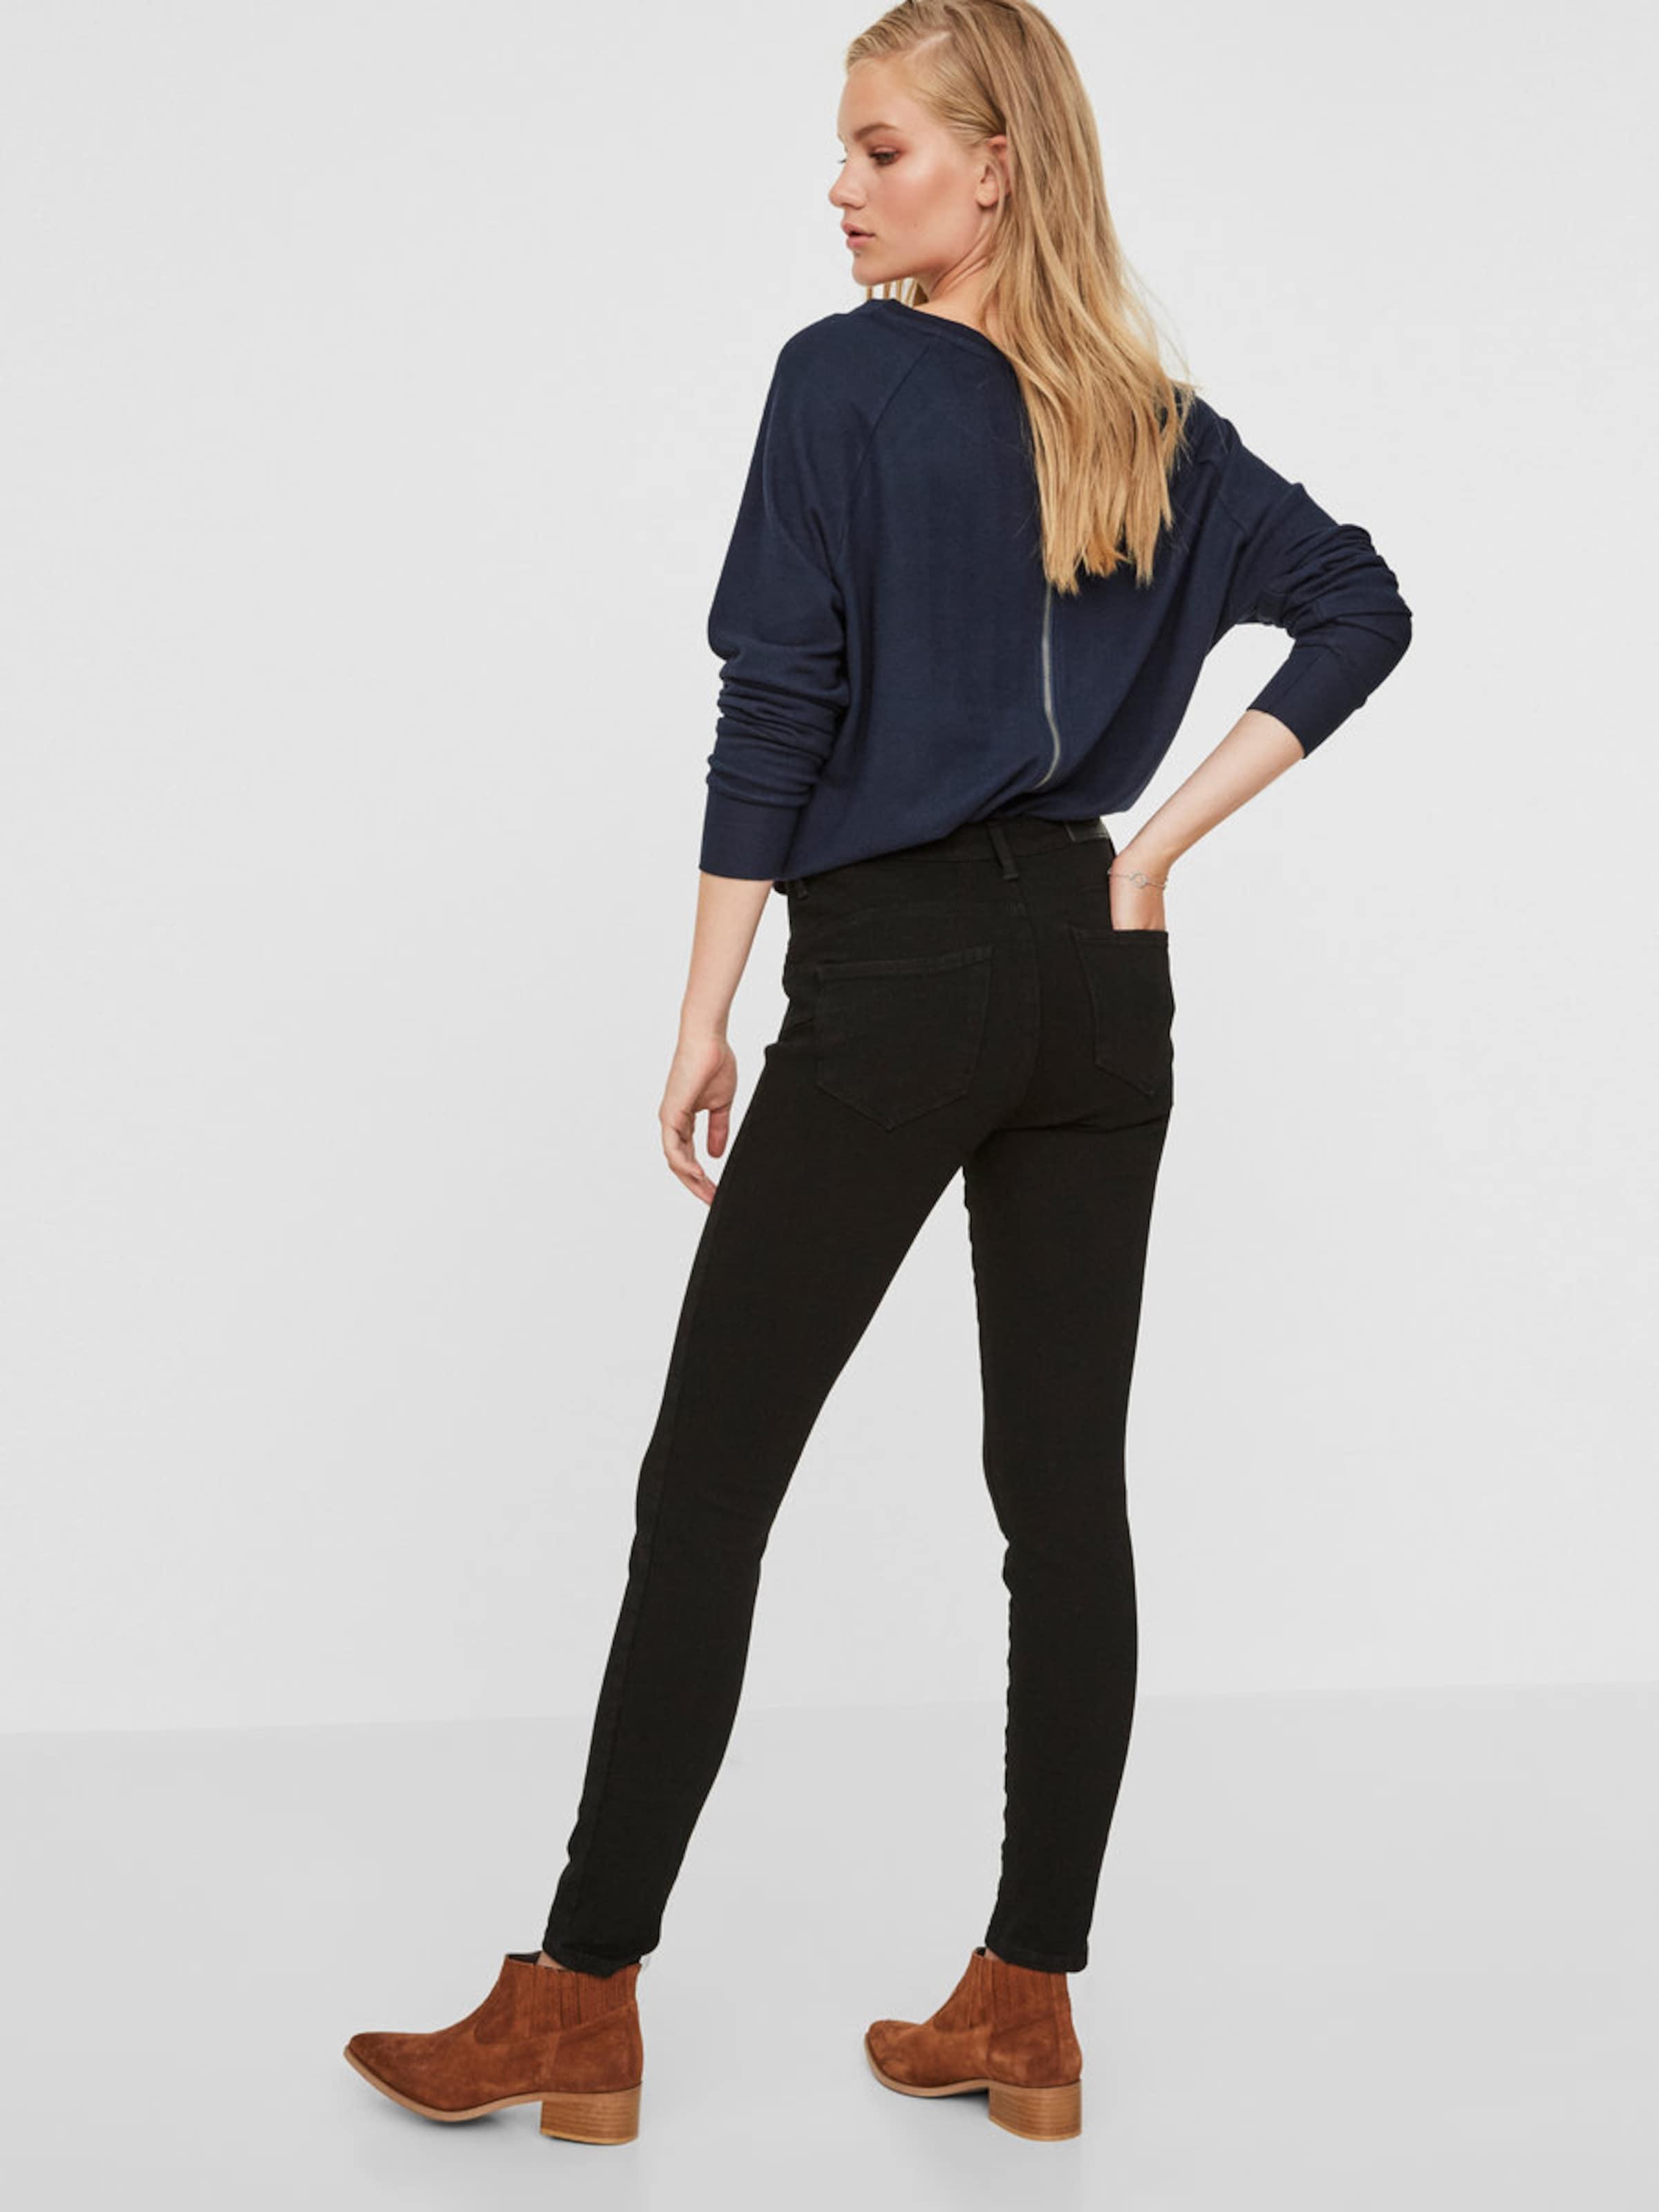 VERO MODA Stretch-Jeans 'PUSH UP' Footlocker Finish Günstiger Preis Die Billigsten Finden Große Günstig Online Neue Version F0g5KzZCa